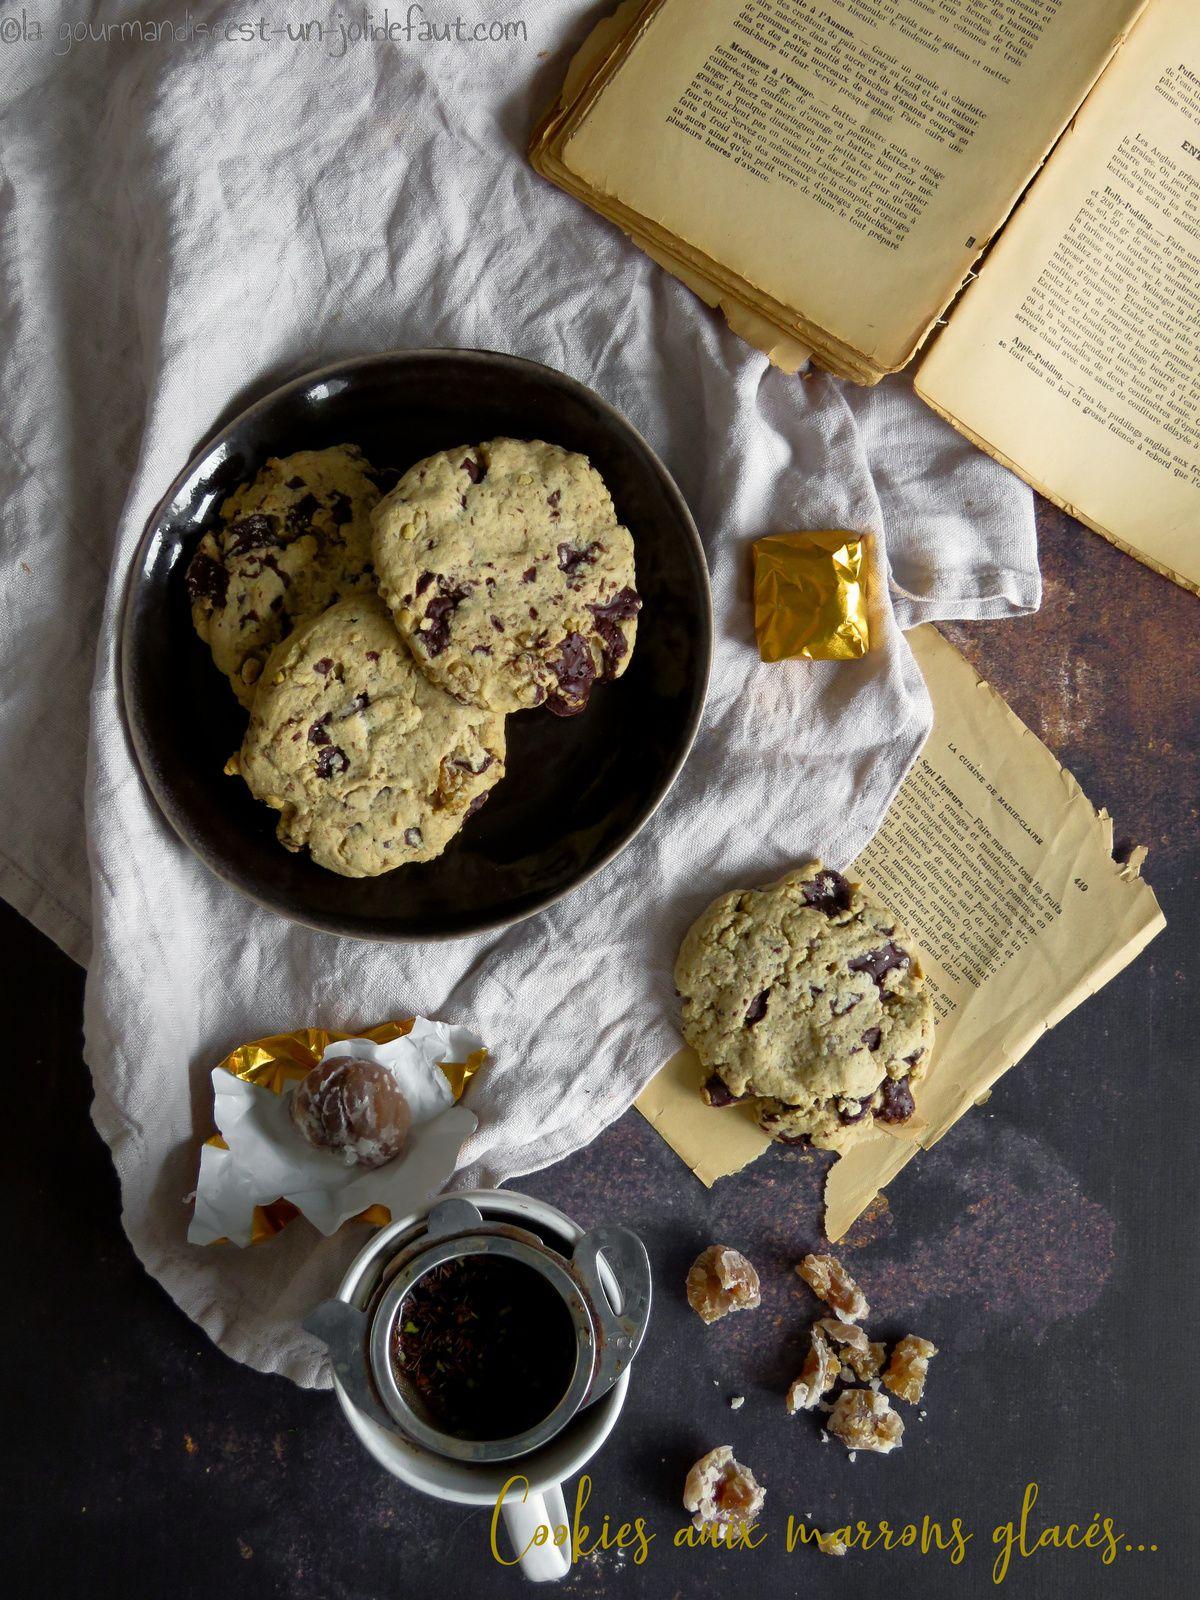 Cookies aux marrons glacés et pépites de chocolat